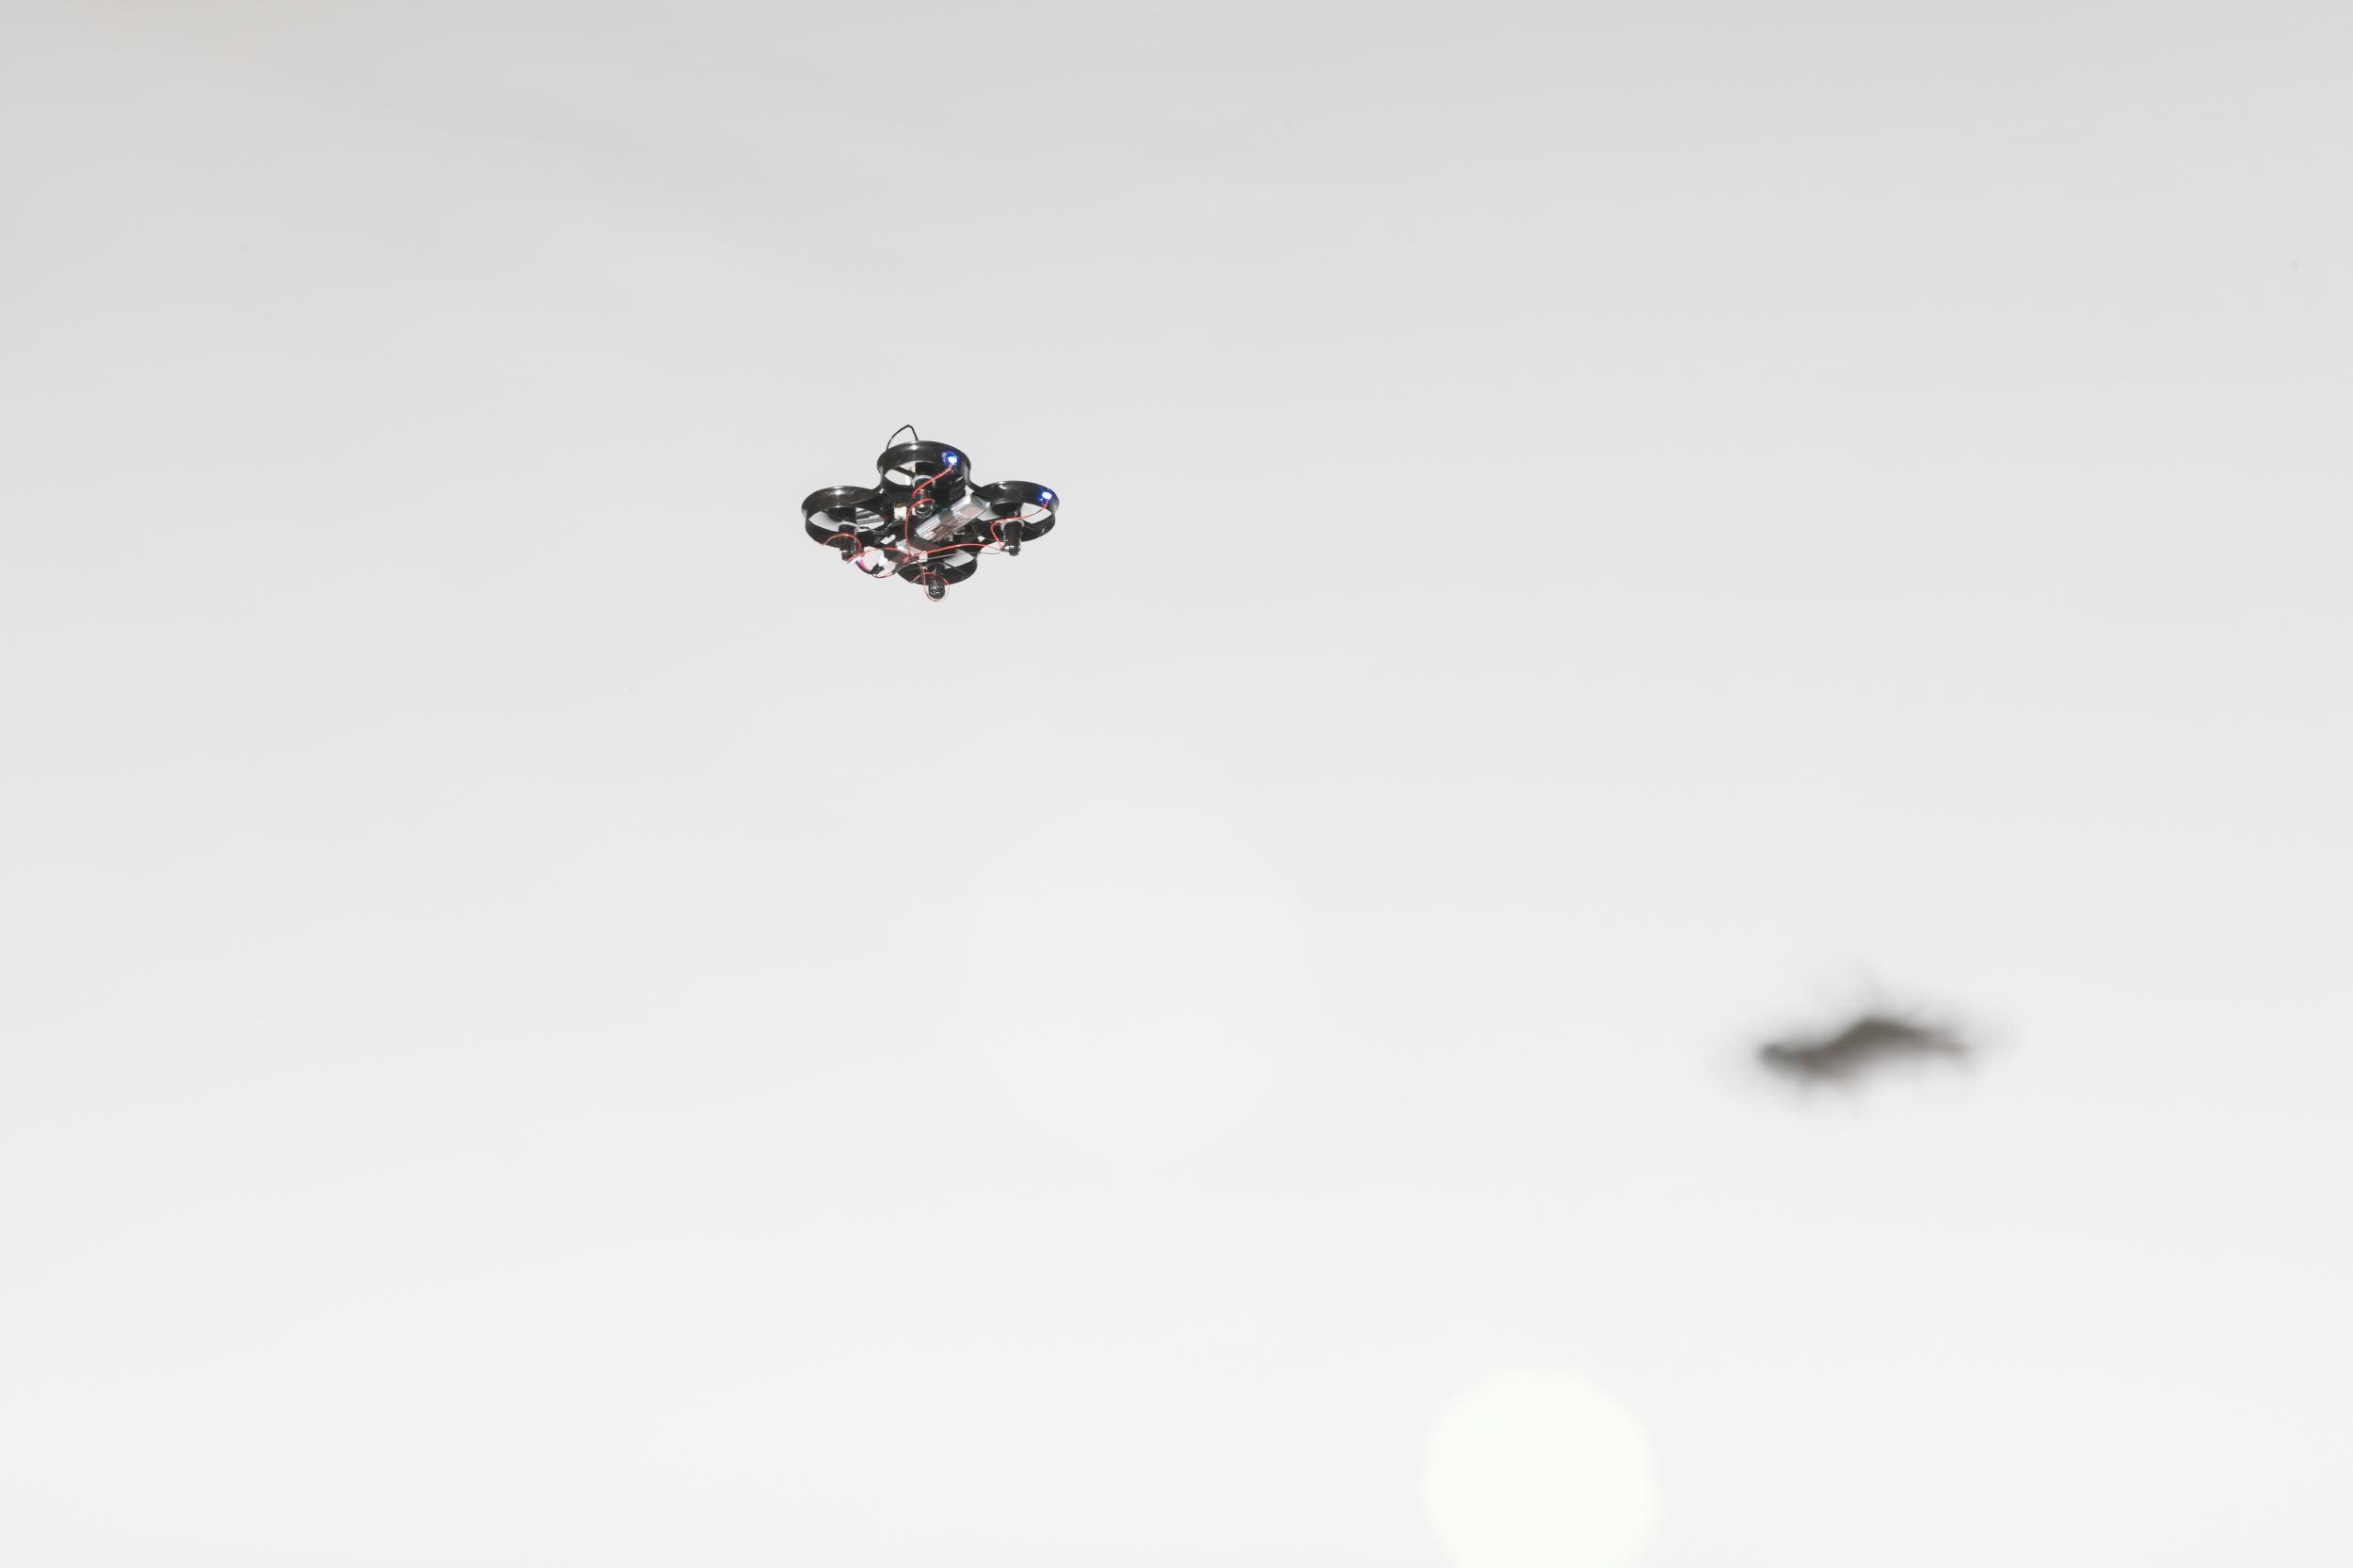 DroneRacingLeague_09.JPG